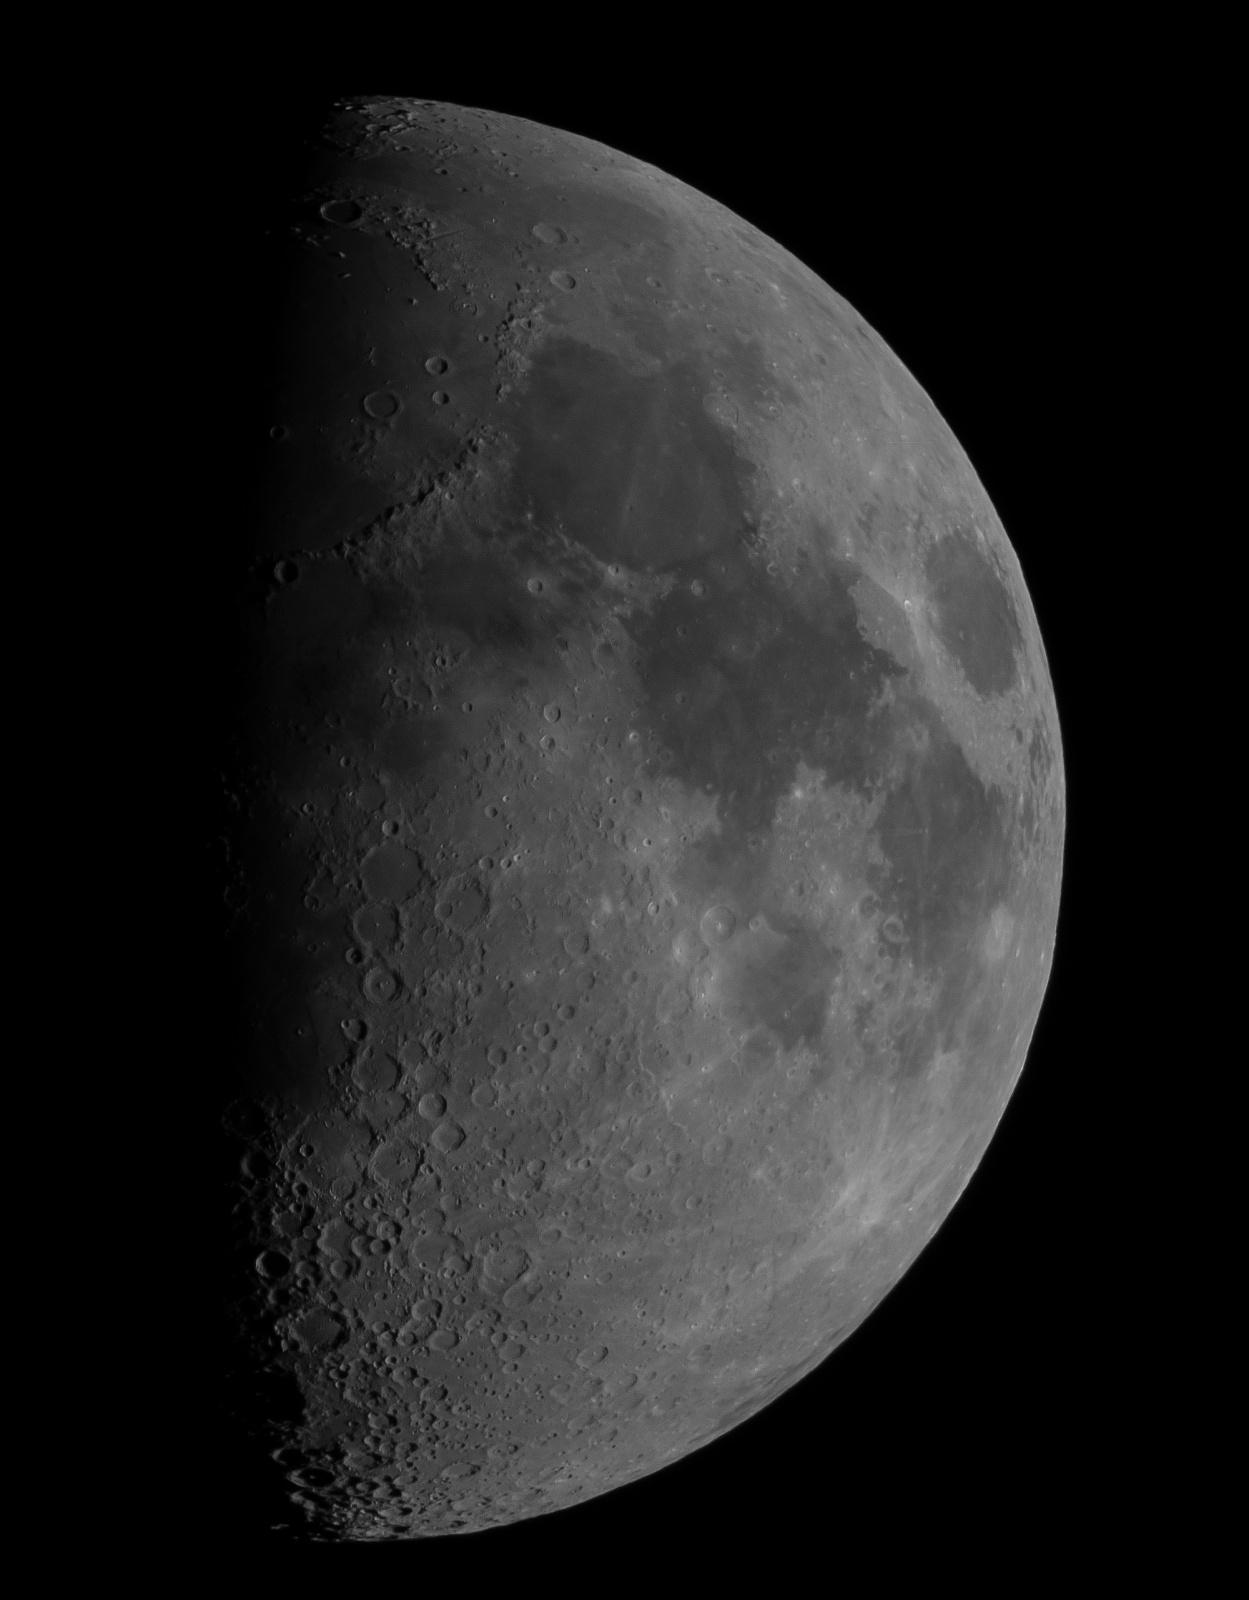 moon-2021-06-18-stack.thumb.jpg.2d96079e93adca03ea28fe07583e29f5.jpg